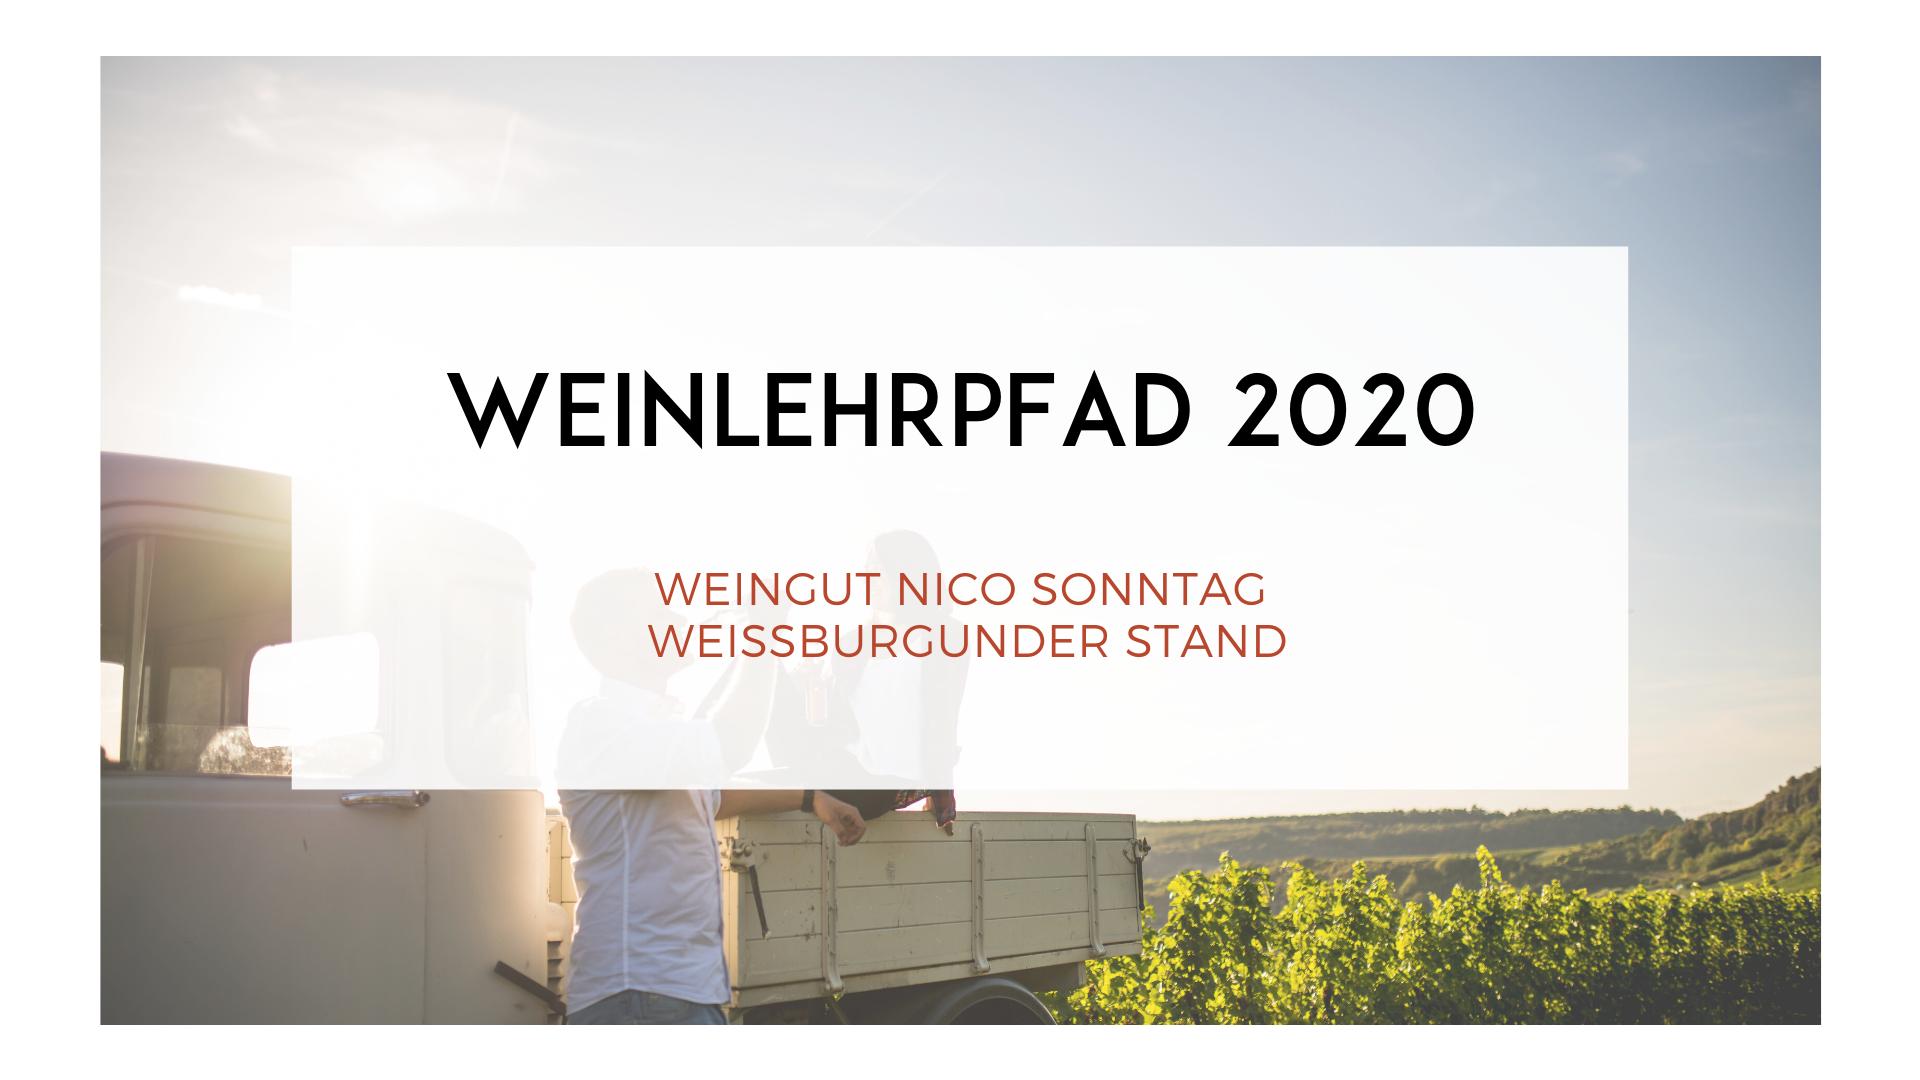 WEINLEHRPFAD 2020